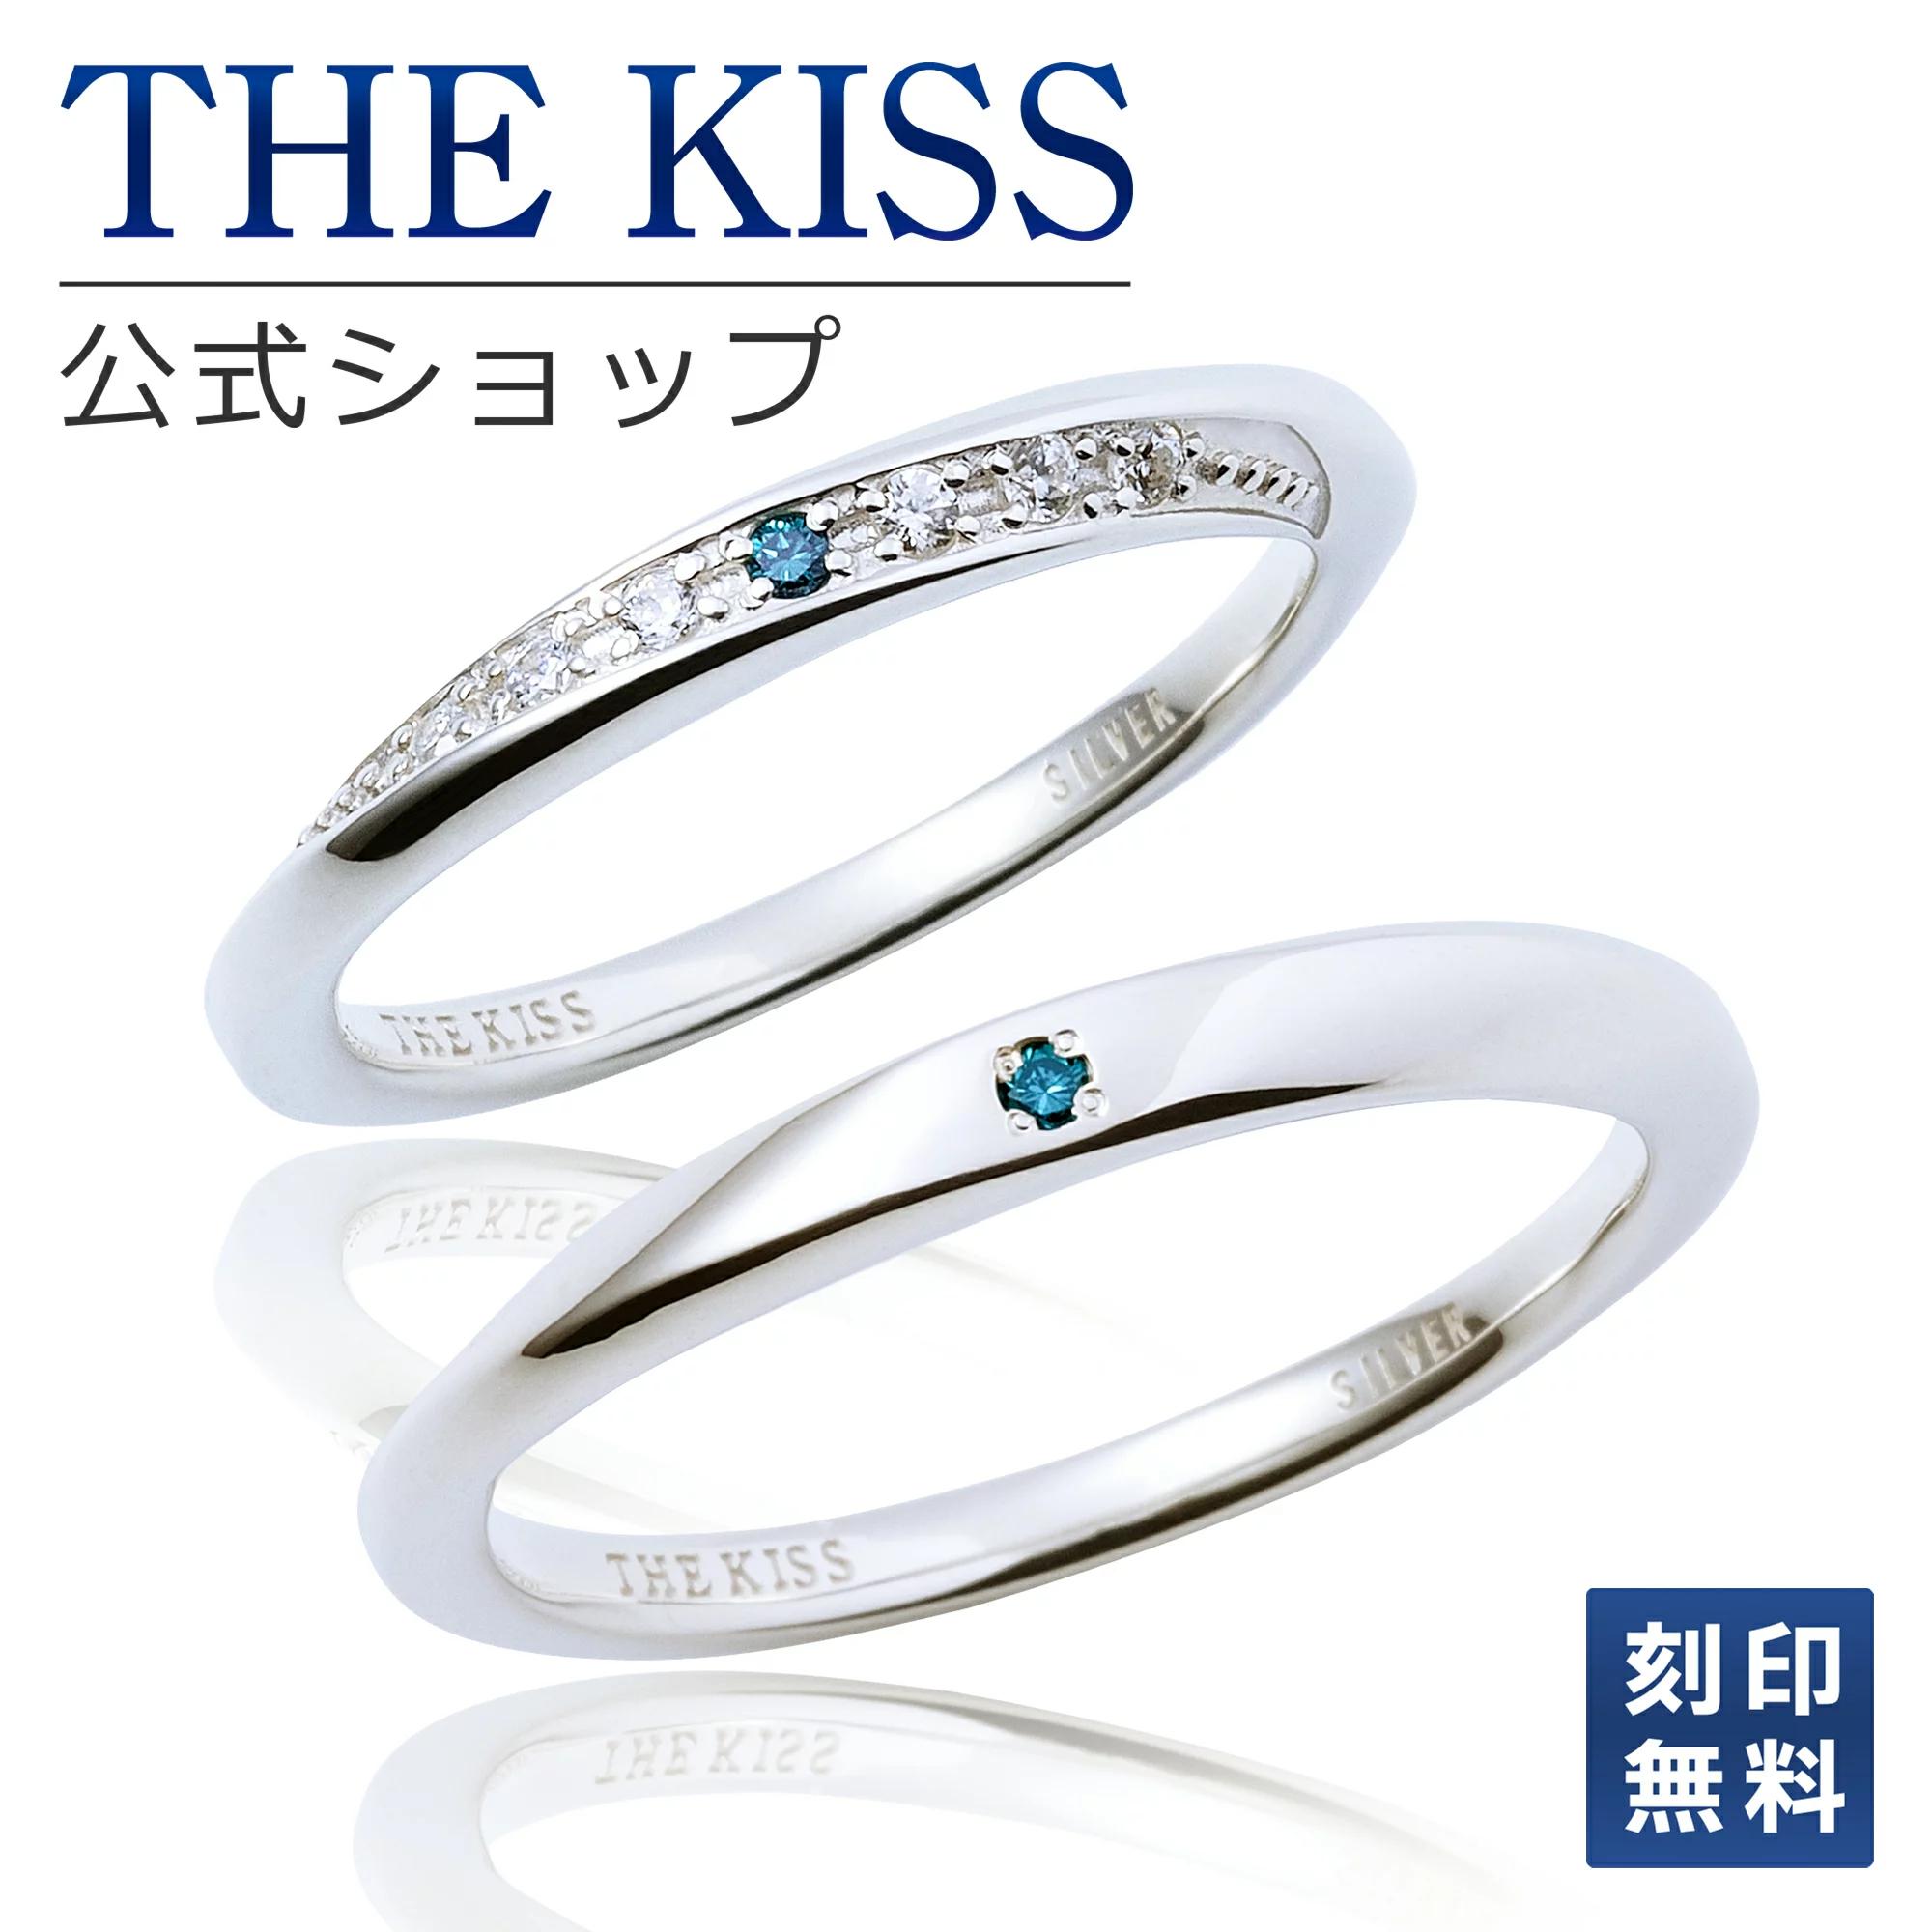 【刻印可_3文字】【あす楽対応】THE KISS 公式サイト シルバー ペアリング ダイヤモンド ペアアクセサリー カップル に 人気 の ジュエリーブランド THEKISS ペア リング・指輪 記念日 プレゼント SR1547BDM-1548BDM セット シンプル ザキス 【送料無料】